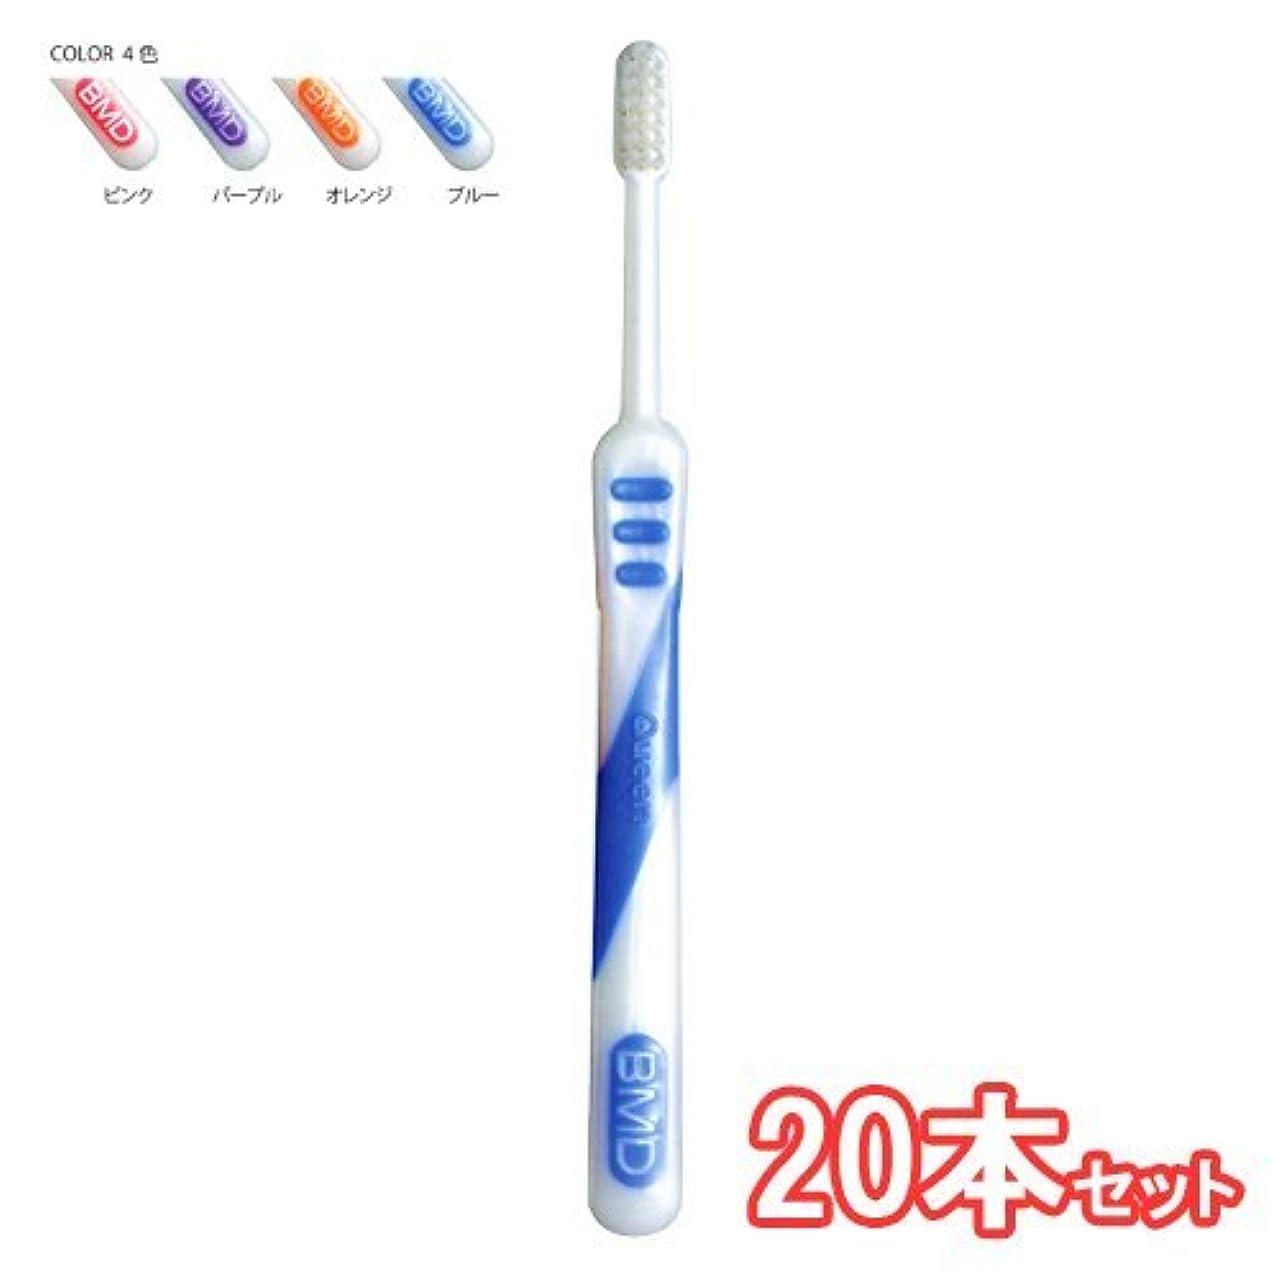 ビーブランド ビークイーン 歯ブラシ 20本入 105